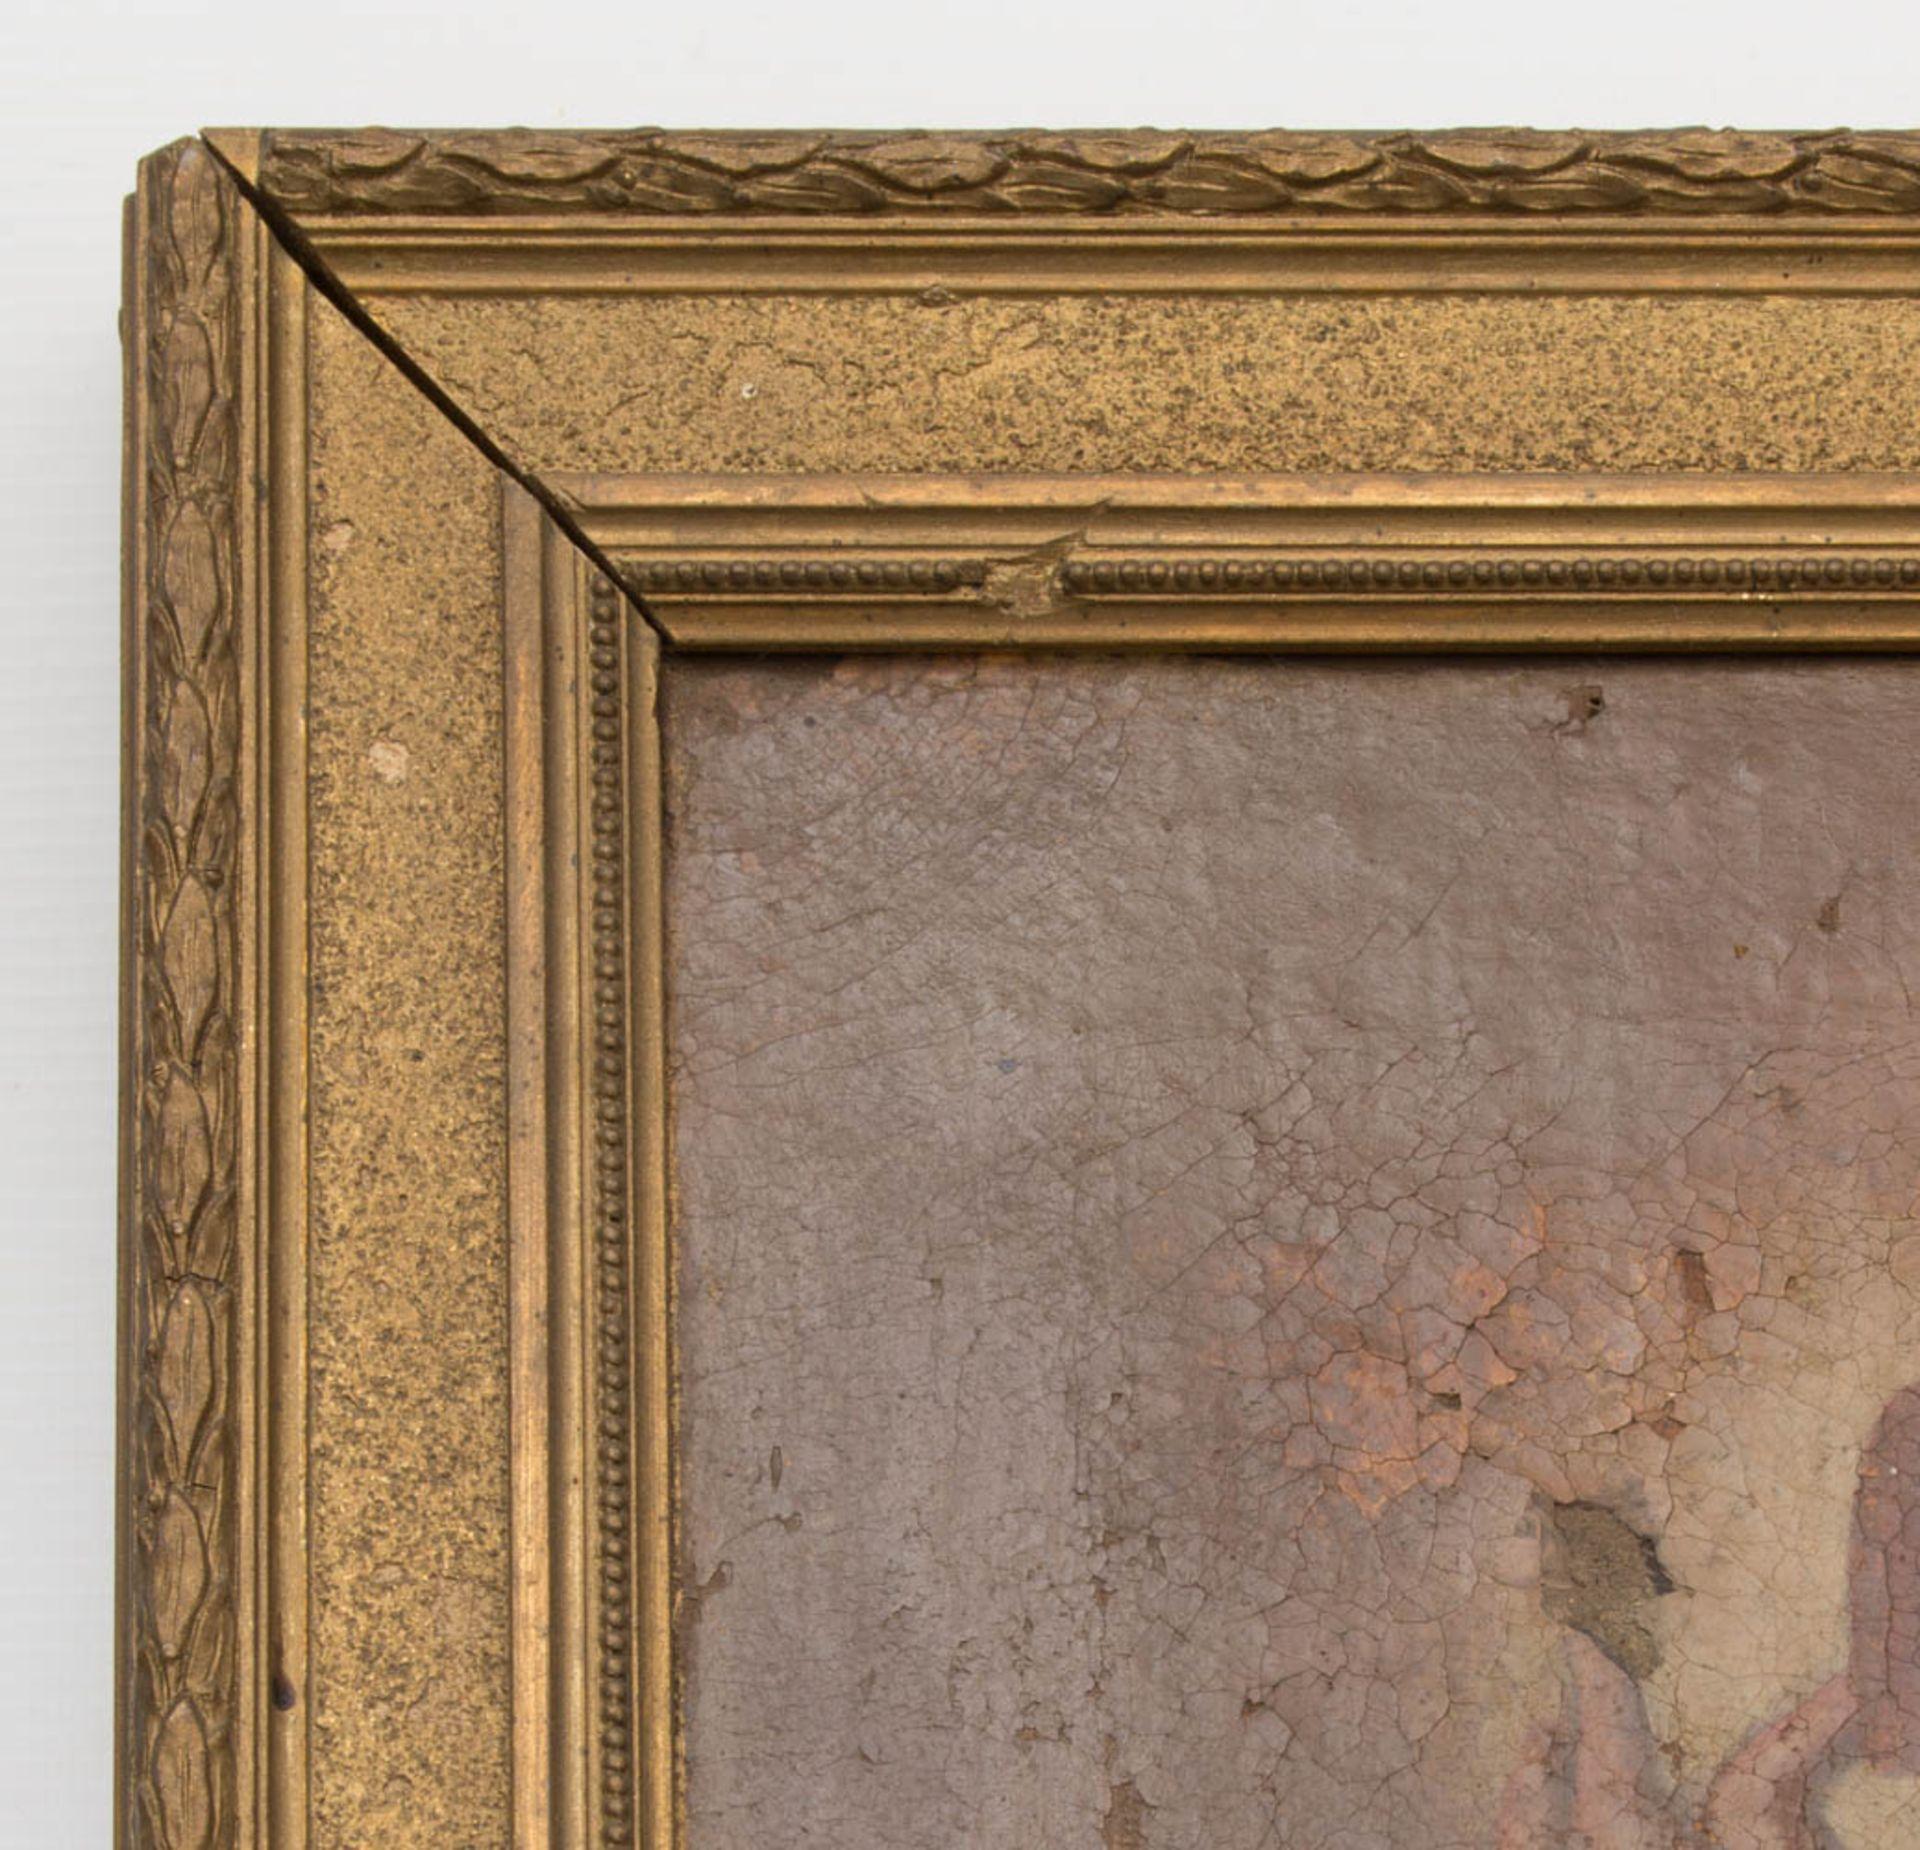 Matthäus der Evangelist, Öl auf Leinwand, 16. / 17. Jh.Dublierte Leinwand, Restaurat - Bild 2 aus 5